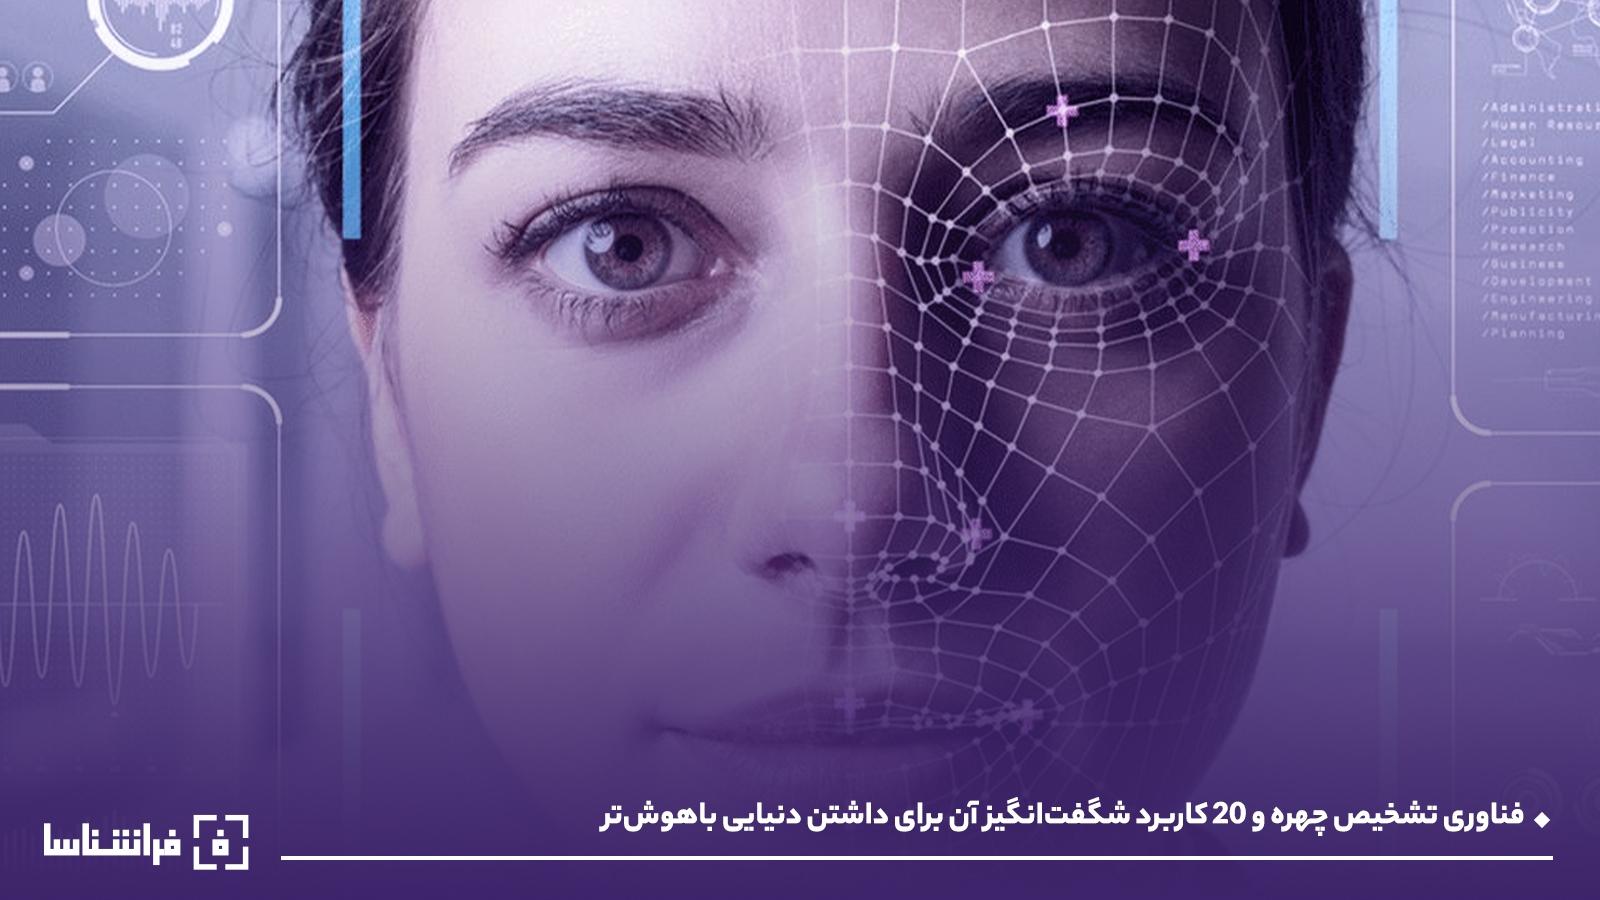 فناوری تشخیص چهره و ۲۰ کاربرد شگفتانگیز آن برای داشتن دنیایی باهوشتر